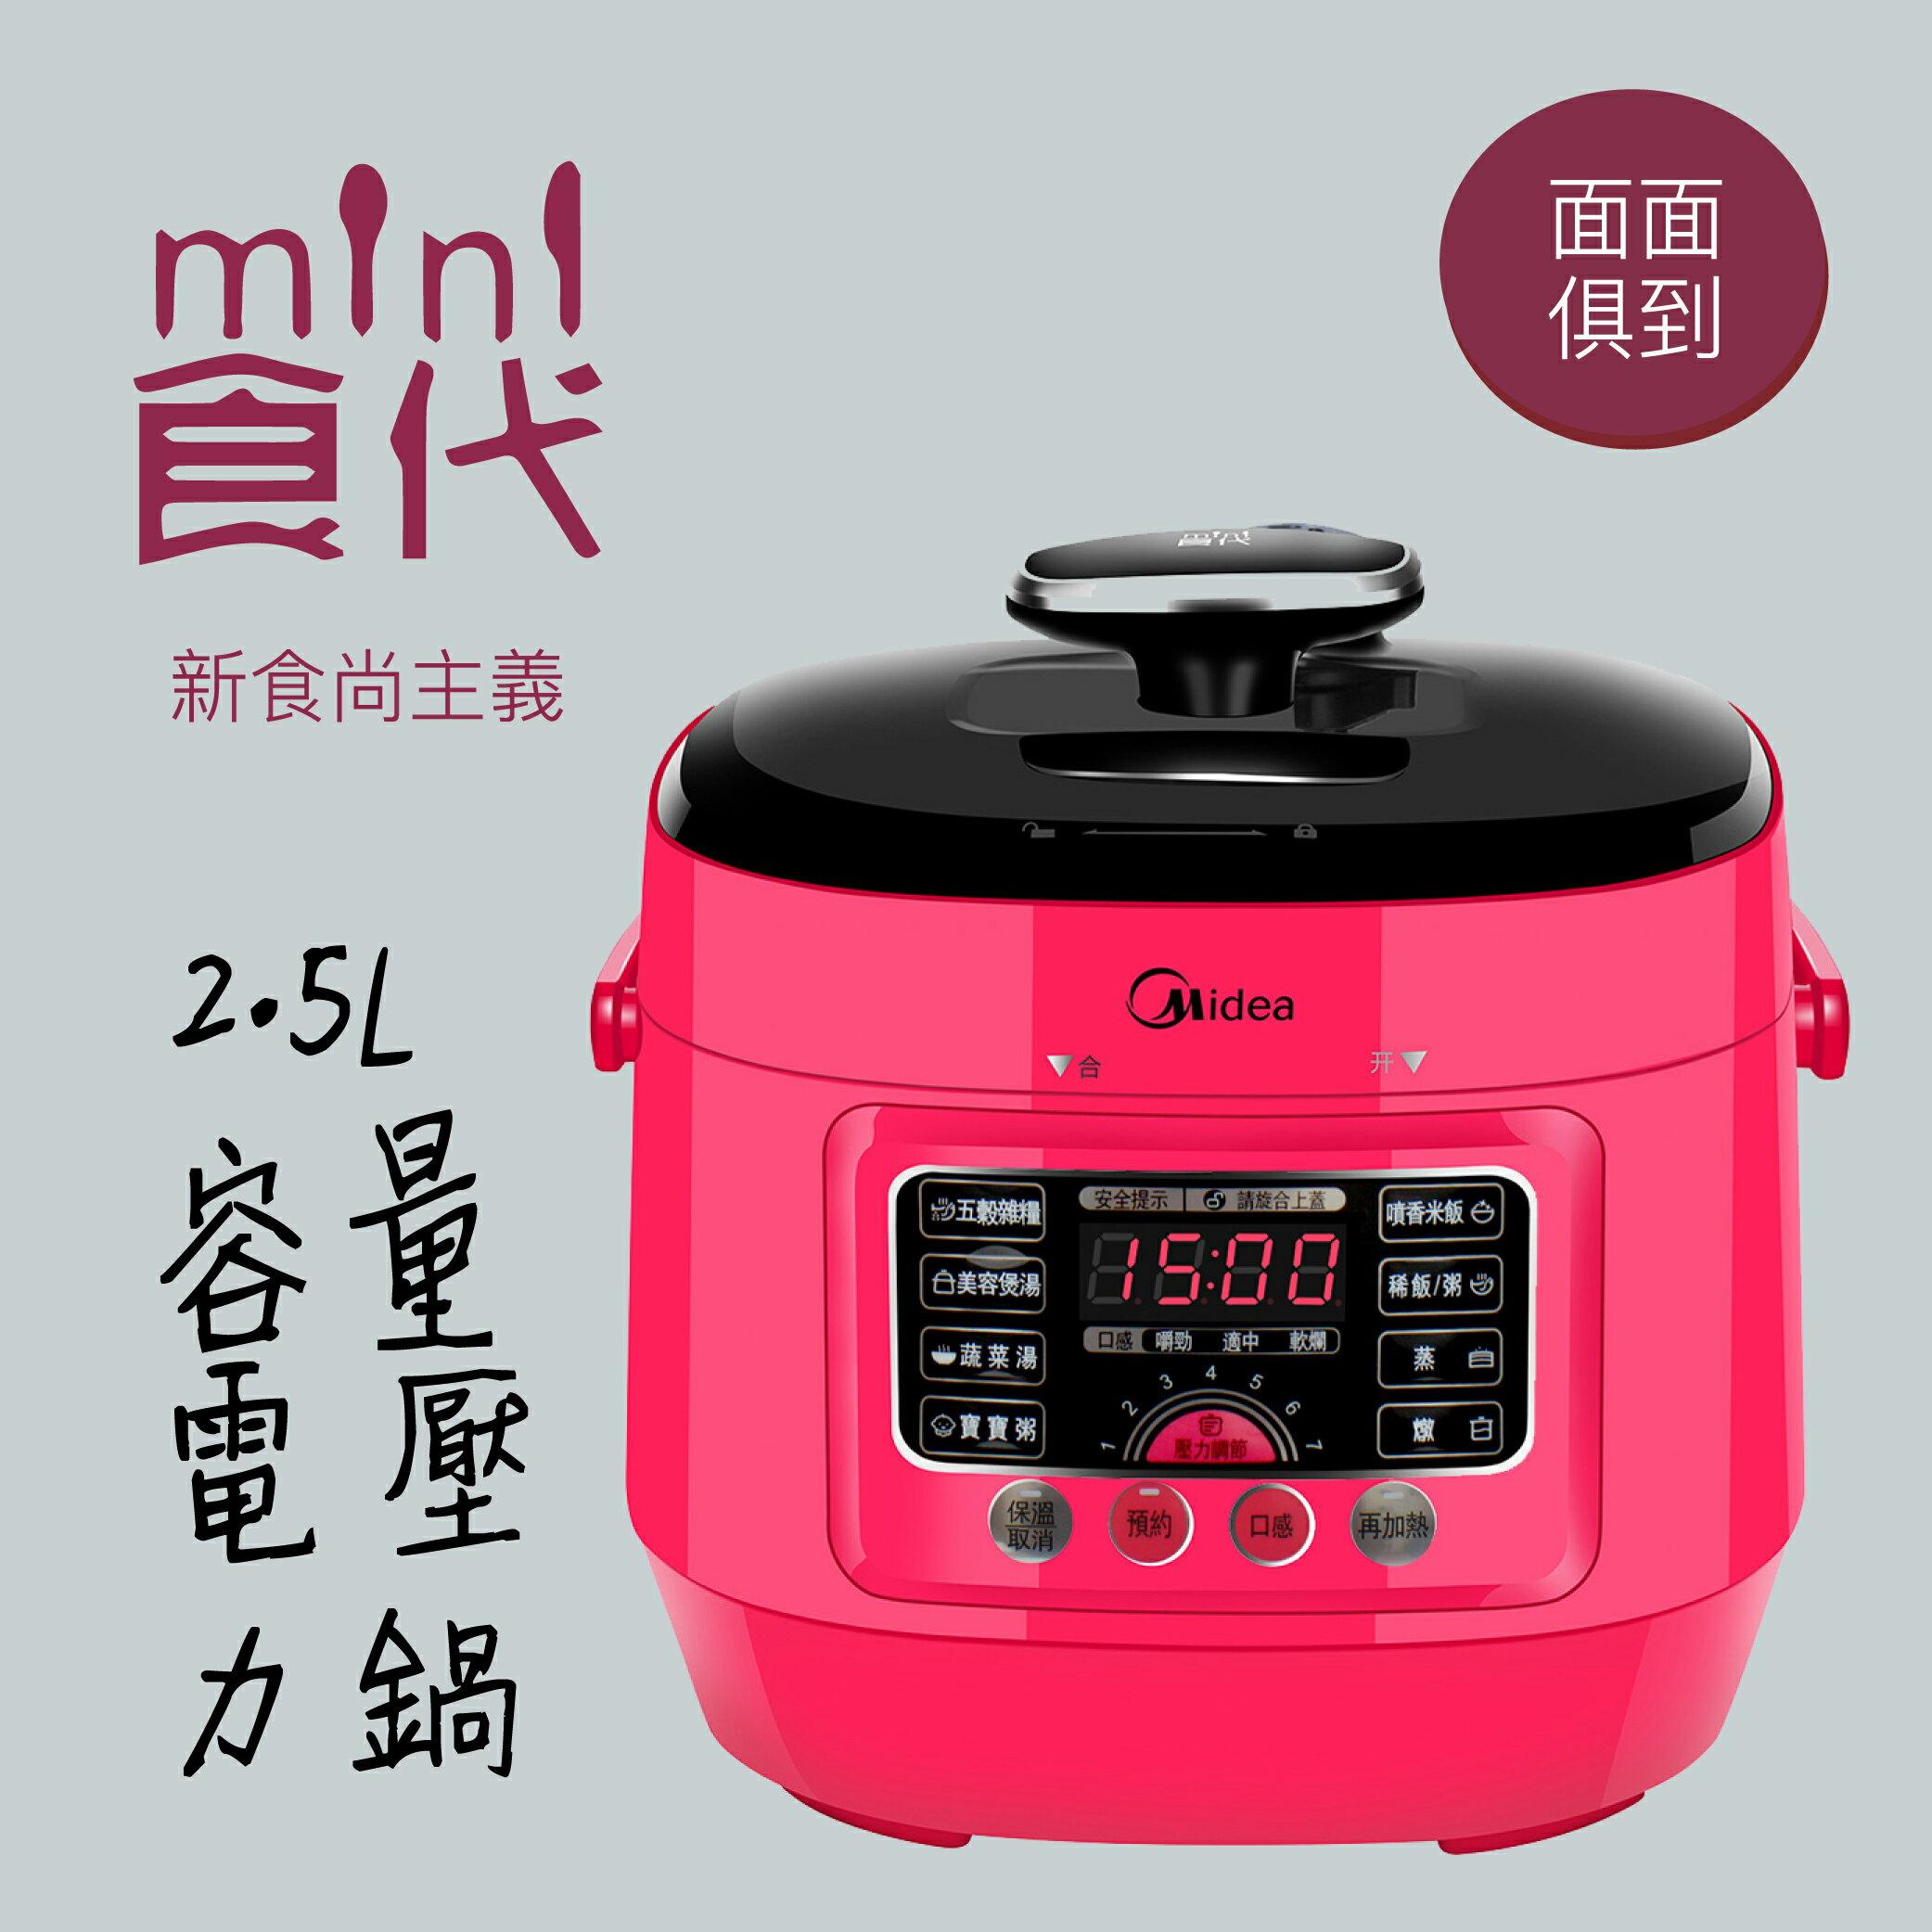 美的Midea mini食代微電腦壓力鍋 MY-SS2521WP